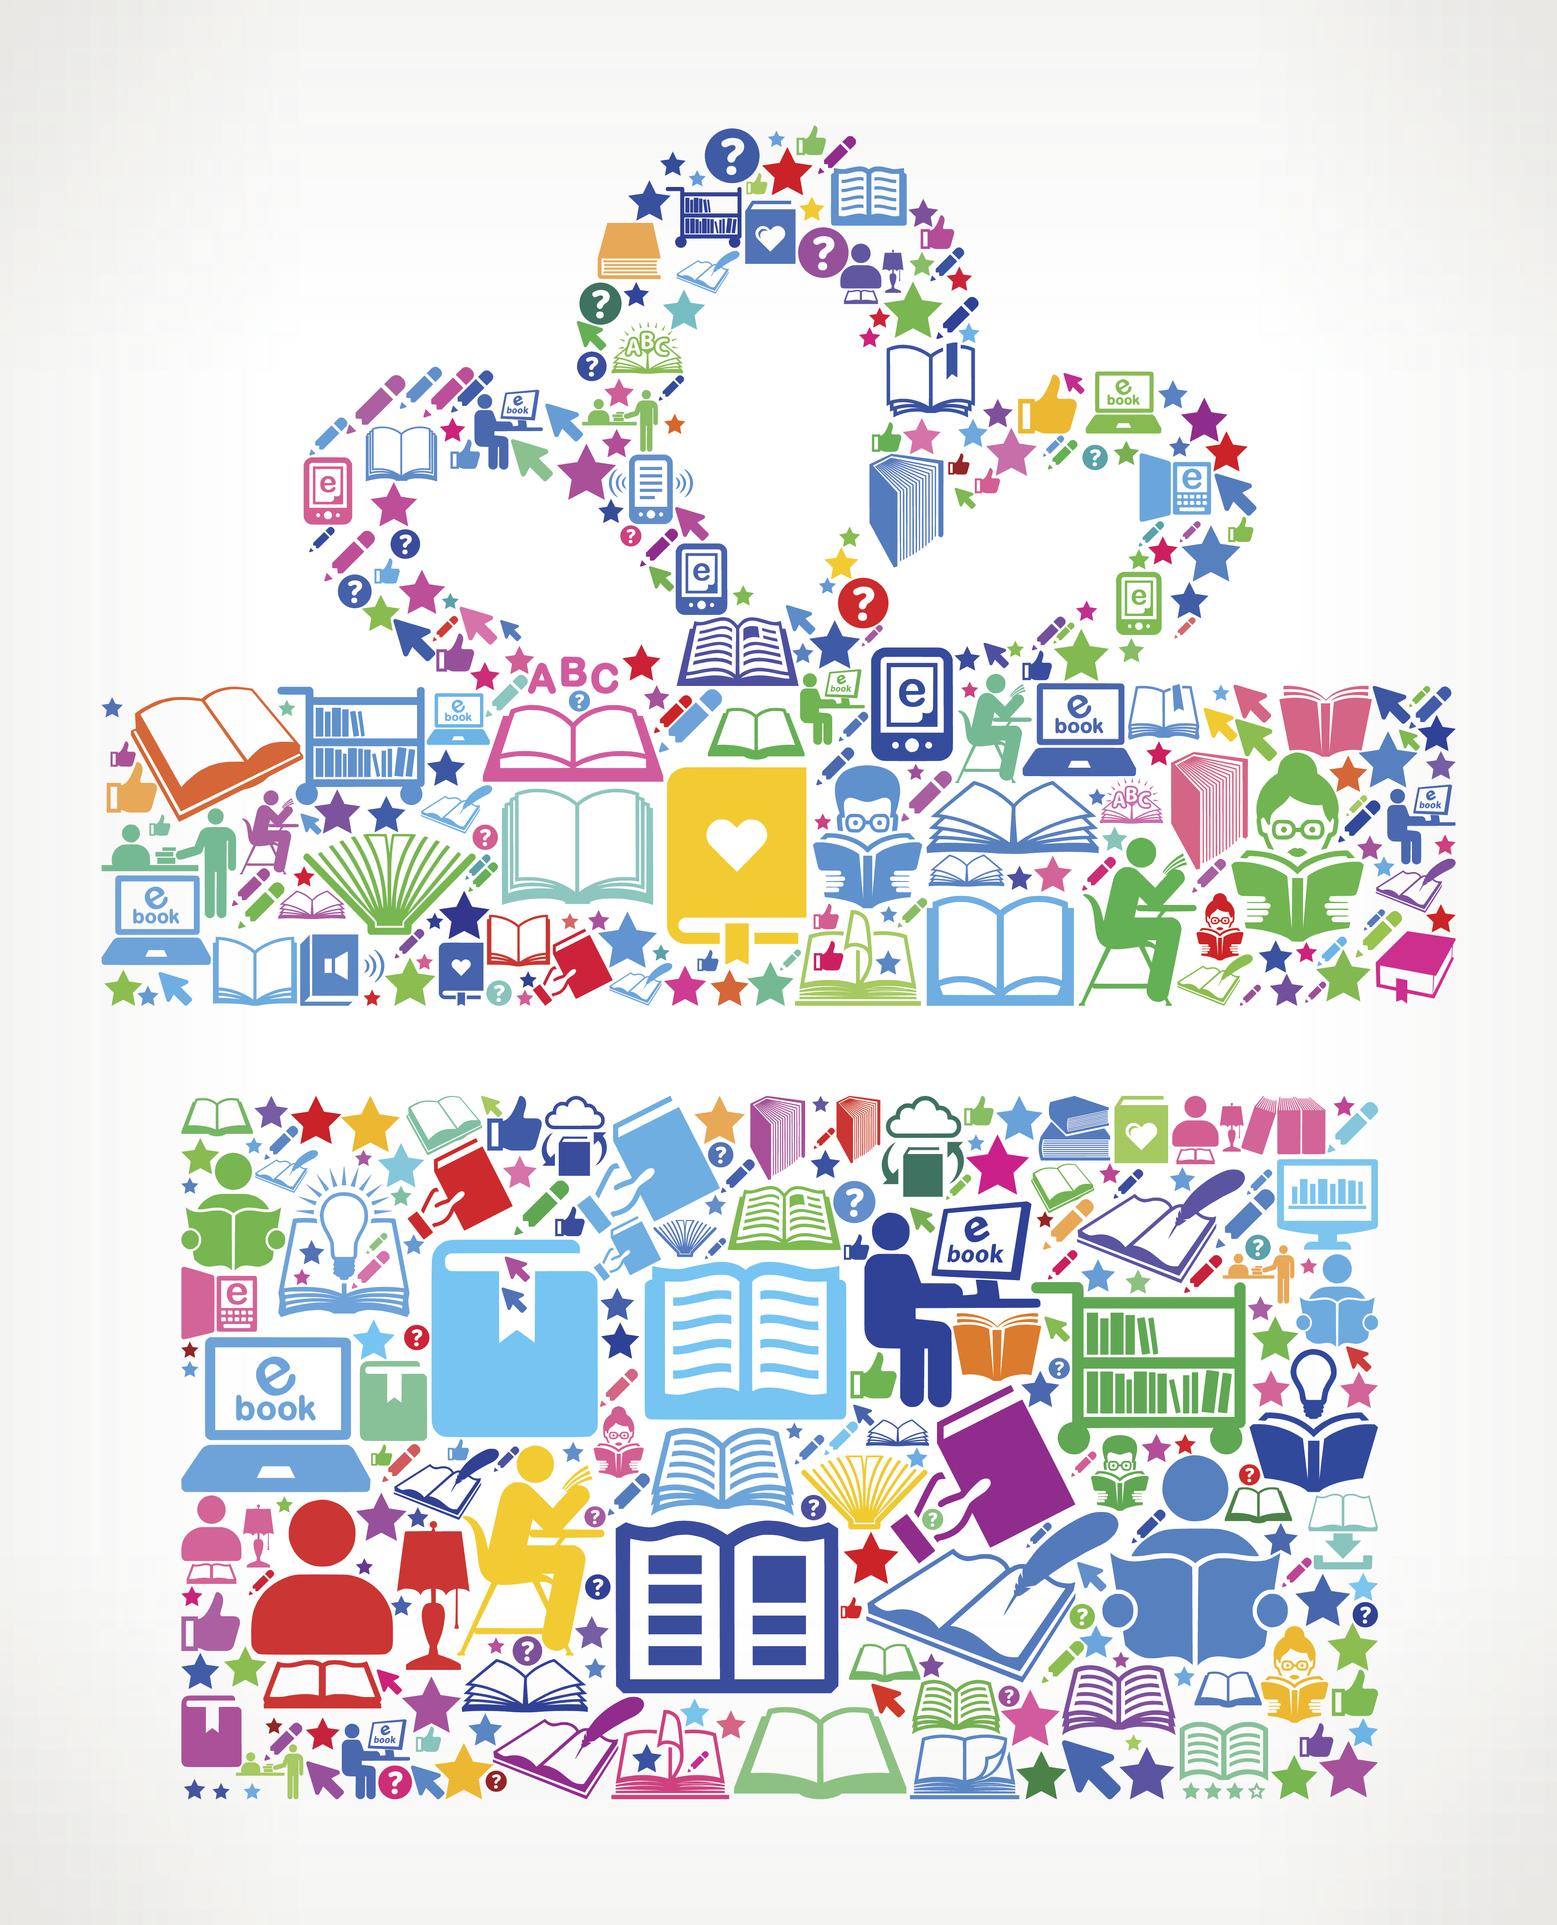 cadeau livres numériques ebook